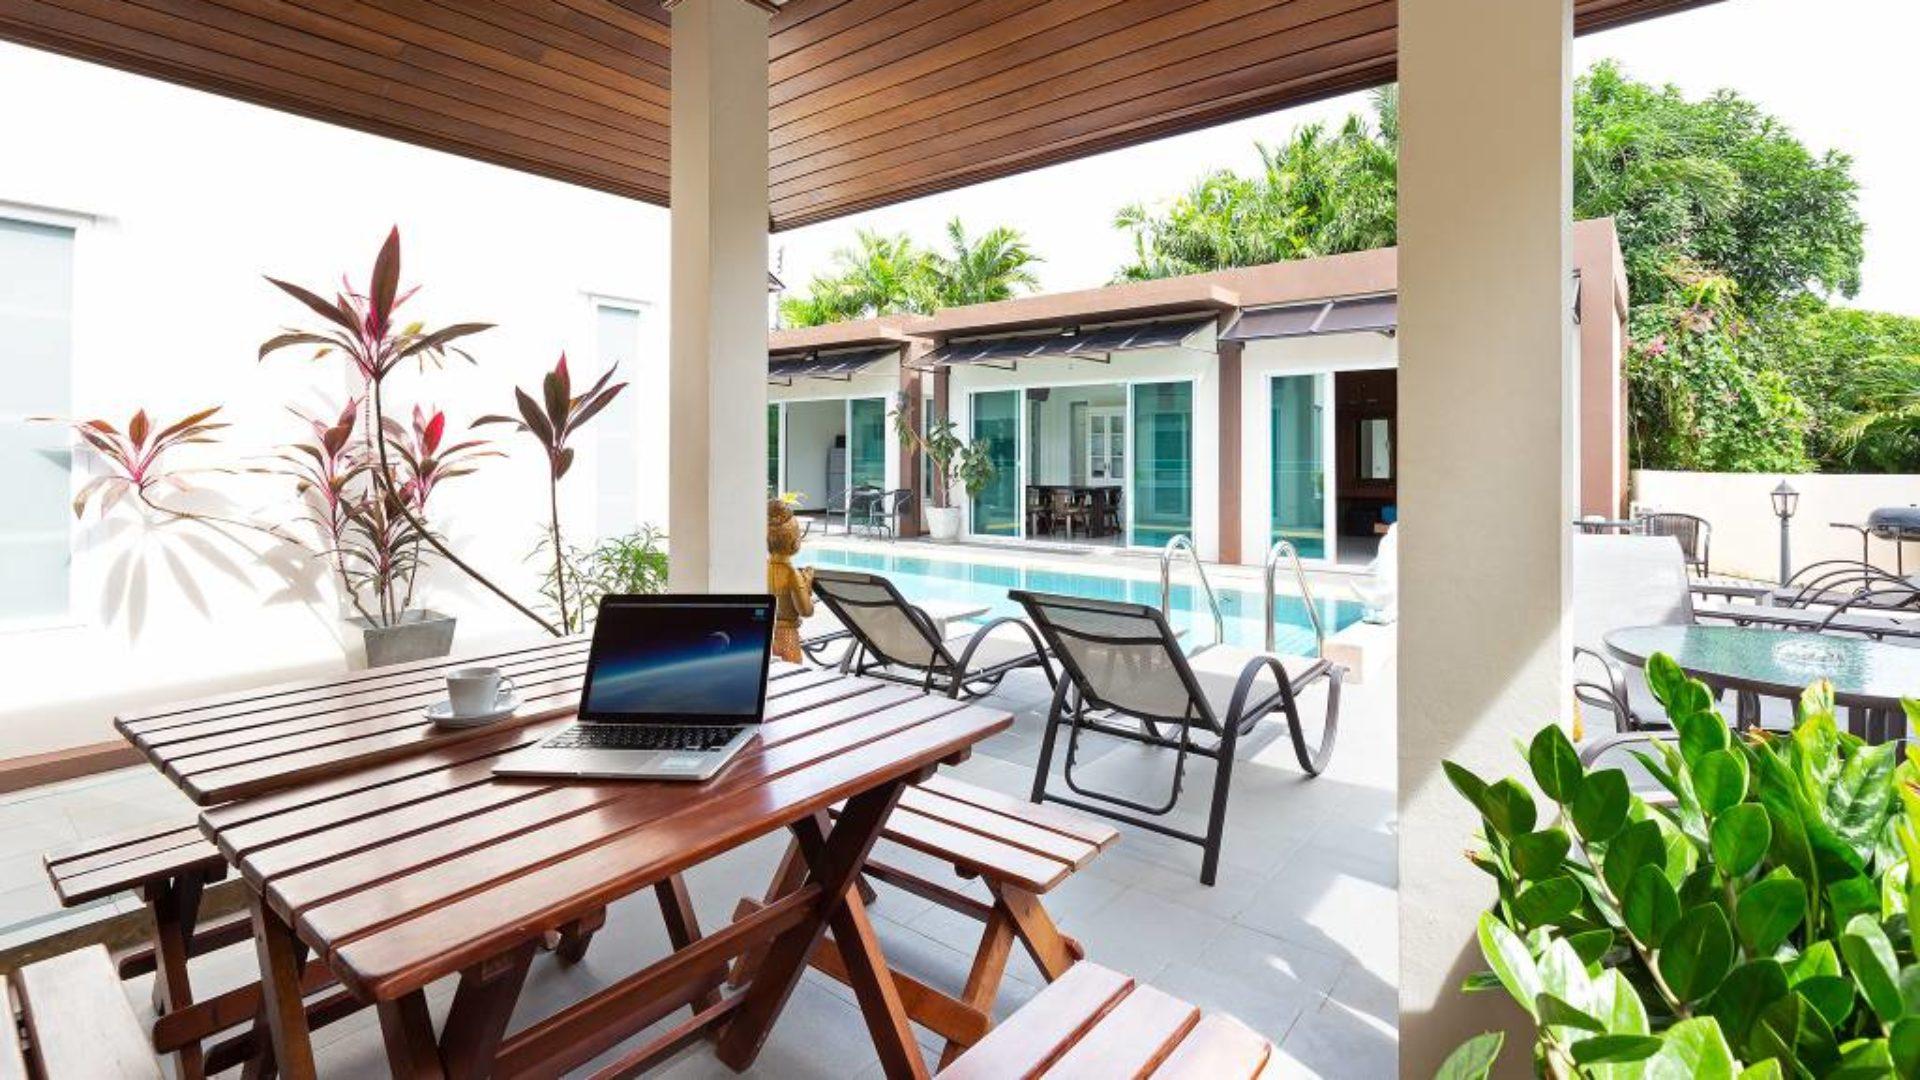 AnhVilla Phuket – Résidence Harmonie